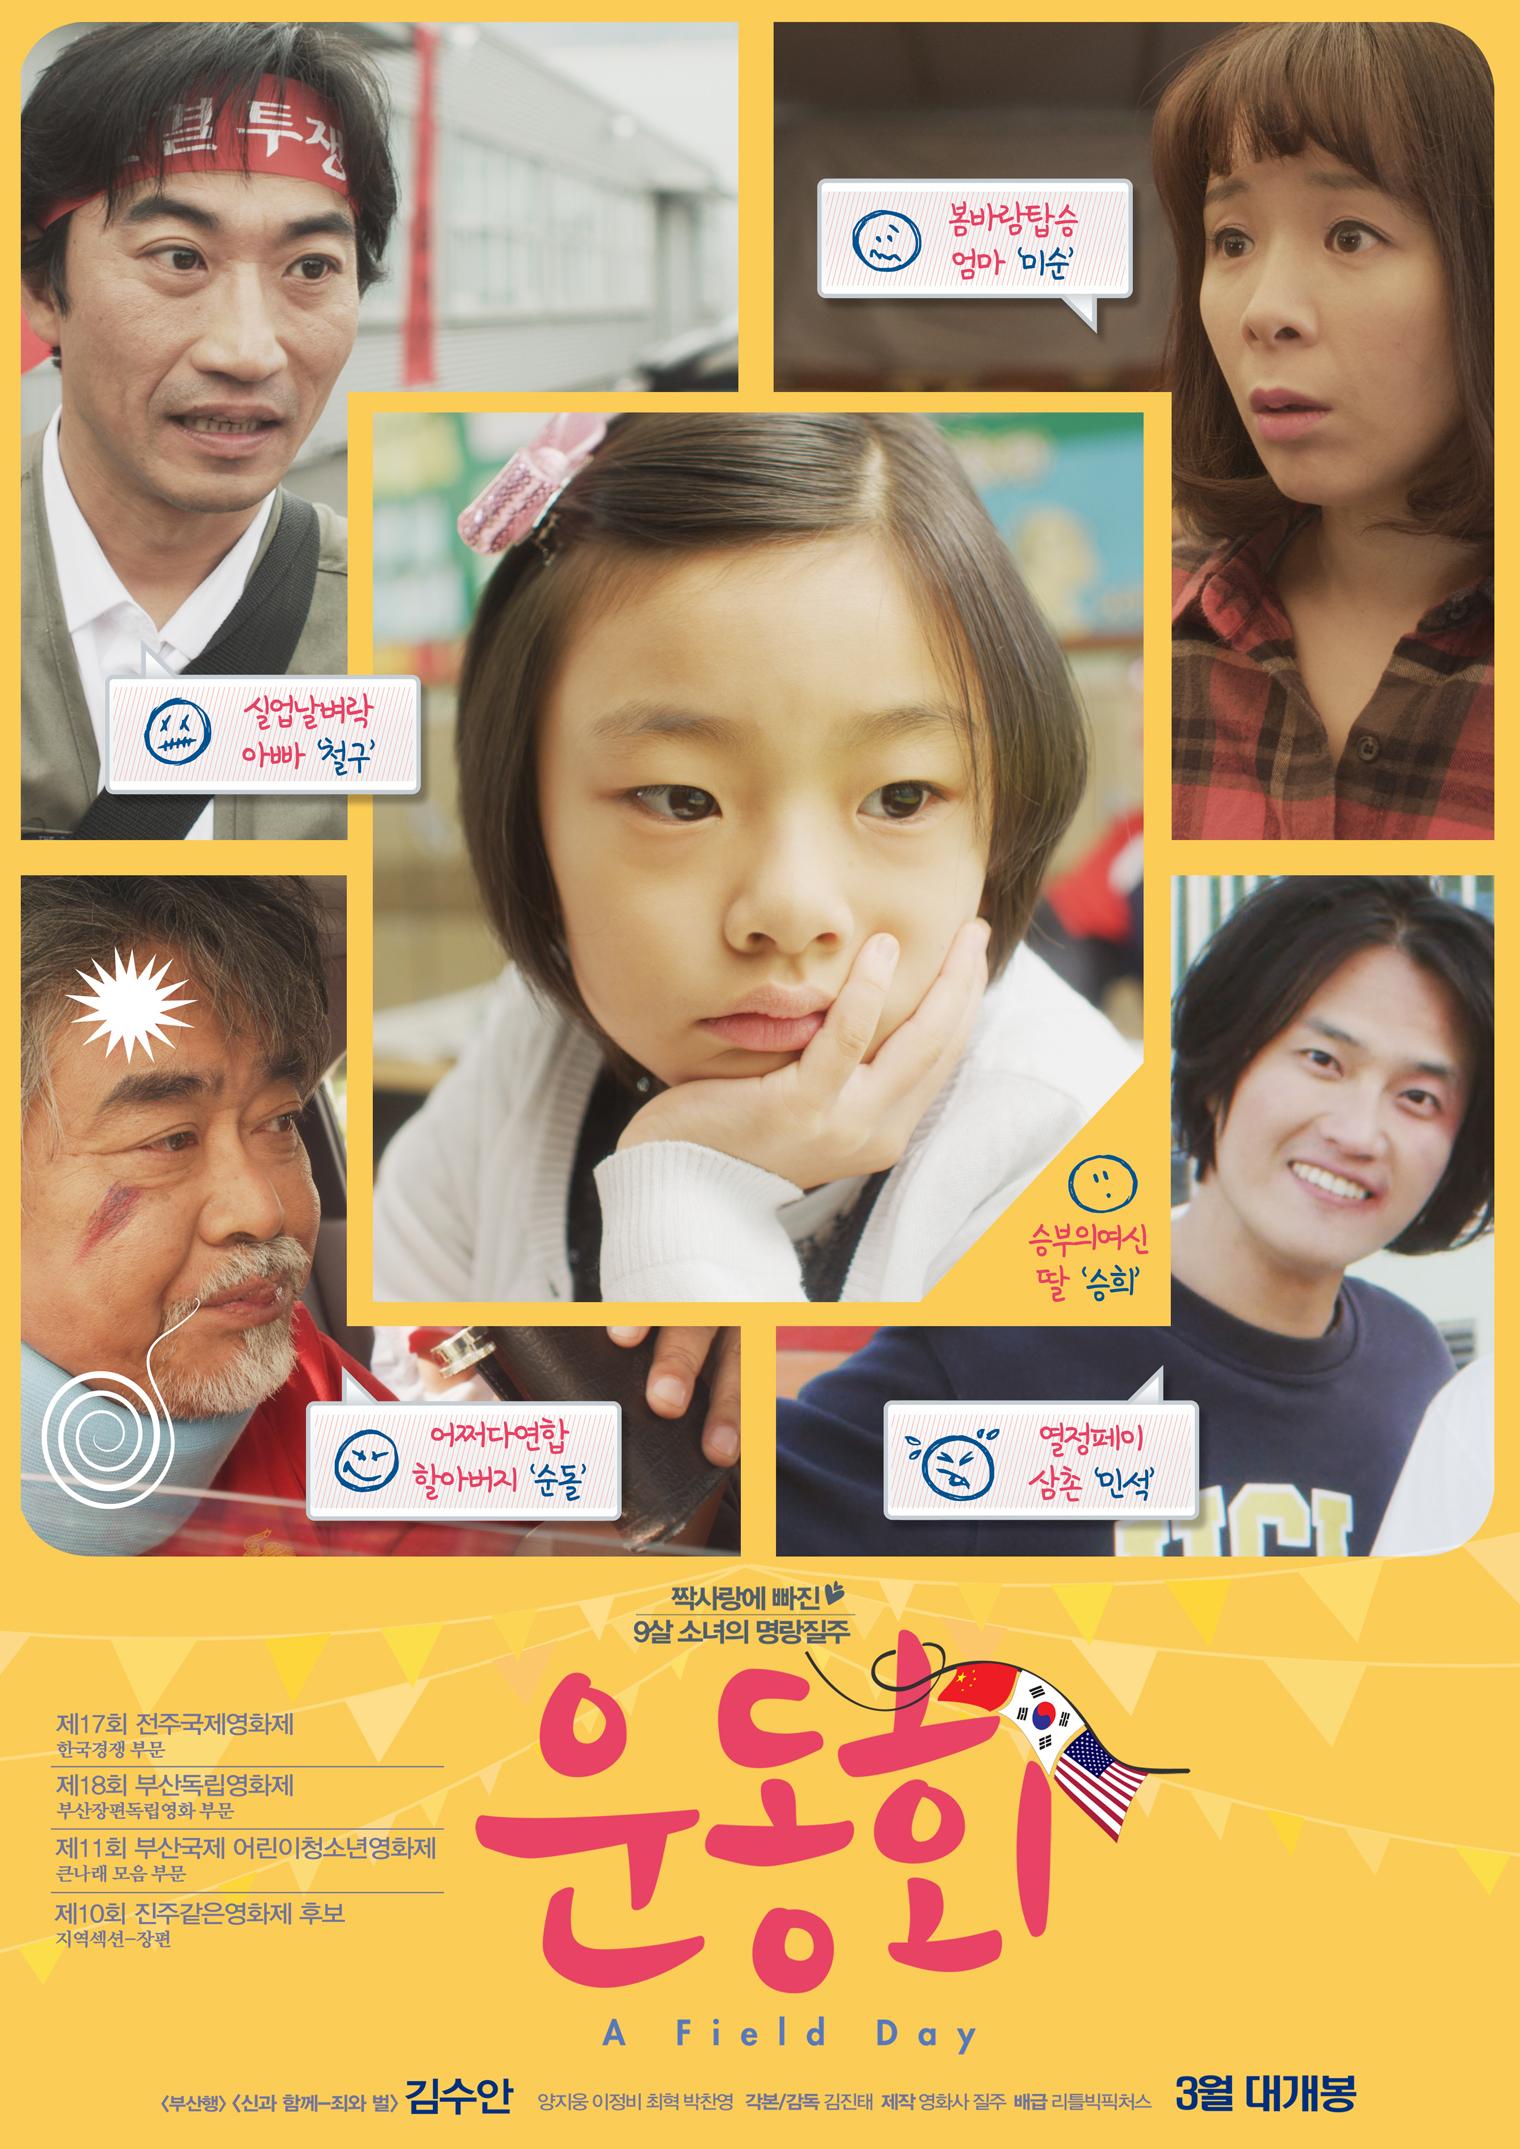 김수안 영화 운동회 캐릭터 포스터 2018.03